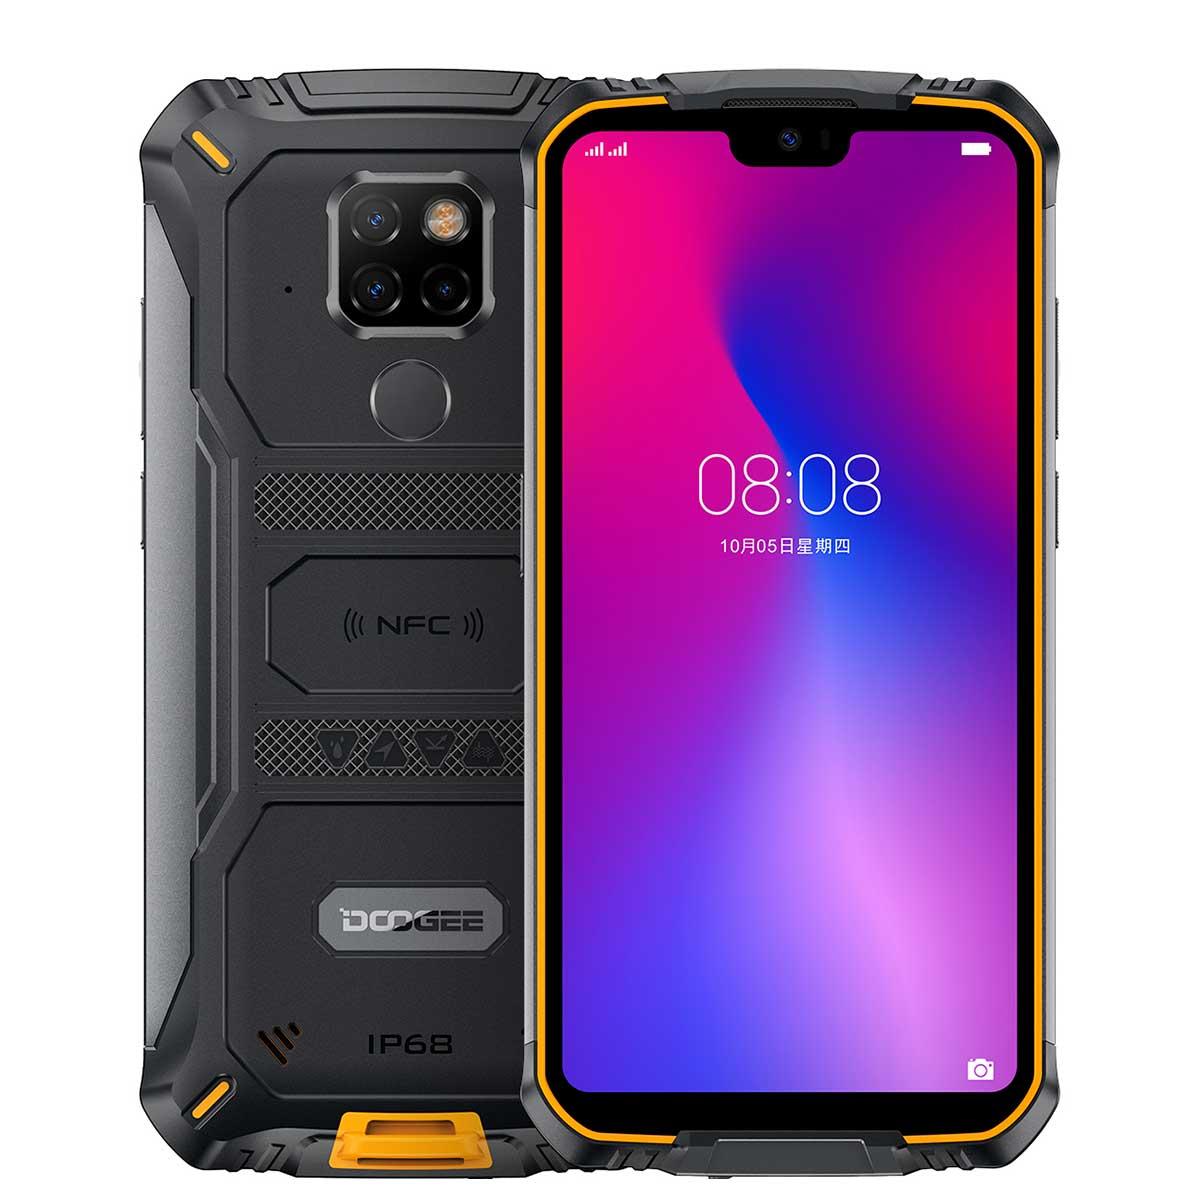 گوشی موبایل دوجی مدل S68 Pro M11T ظرفیت 128 گیگابایت